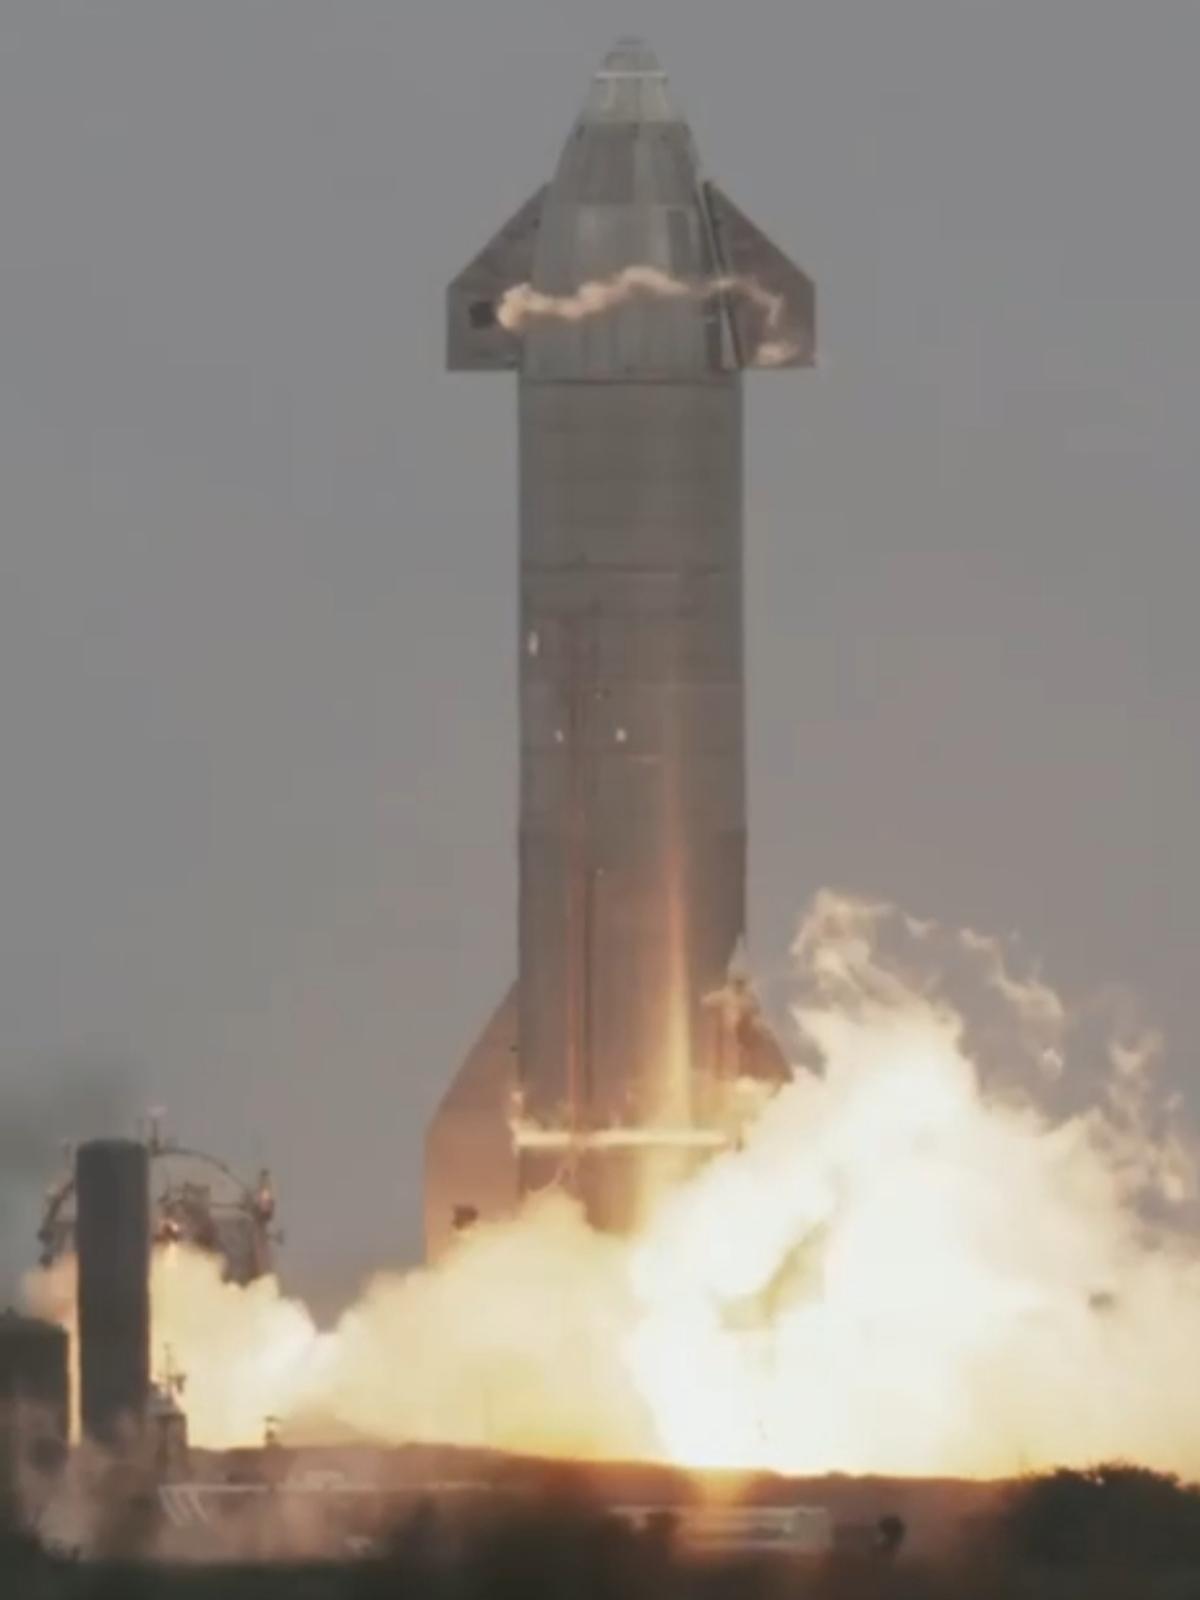 استار شیپ در پنجمین تجربه خود نیز موفق به فرود معکوس شد. ویدئو